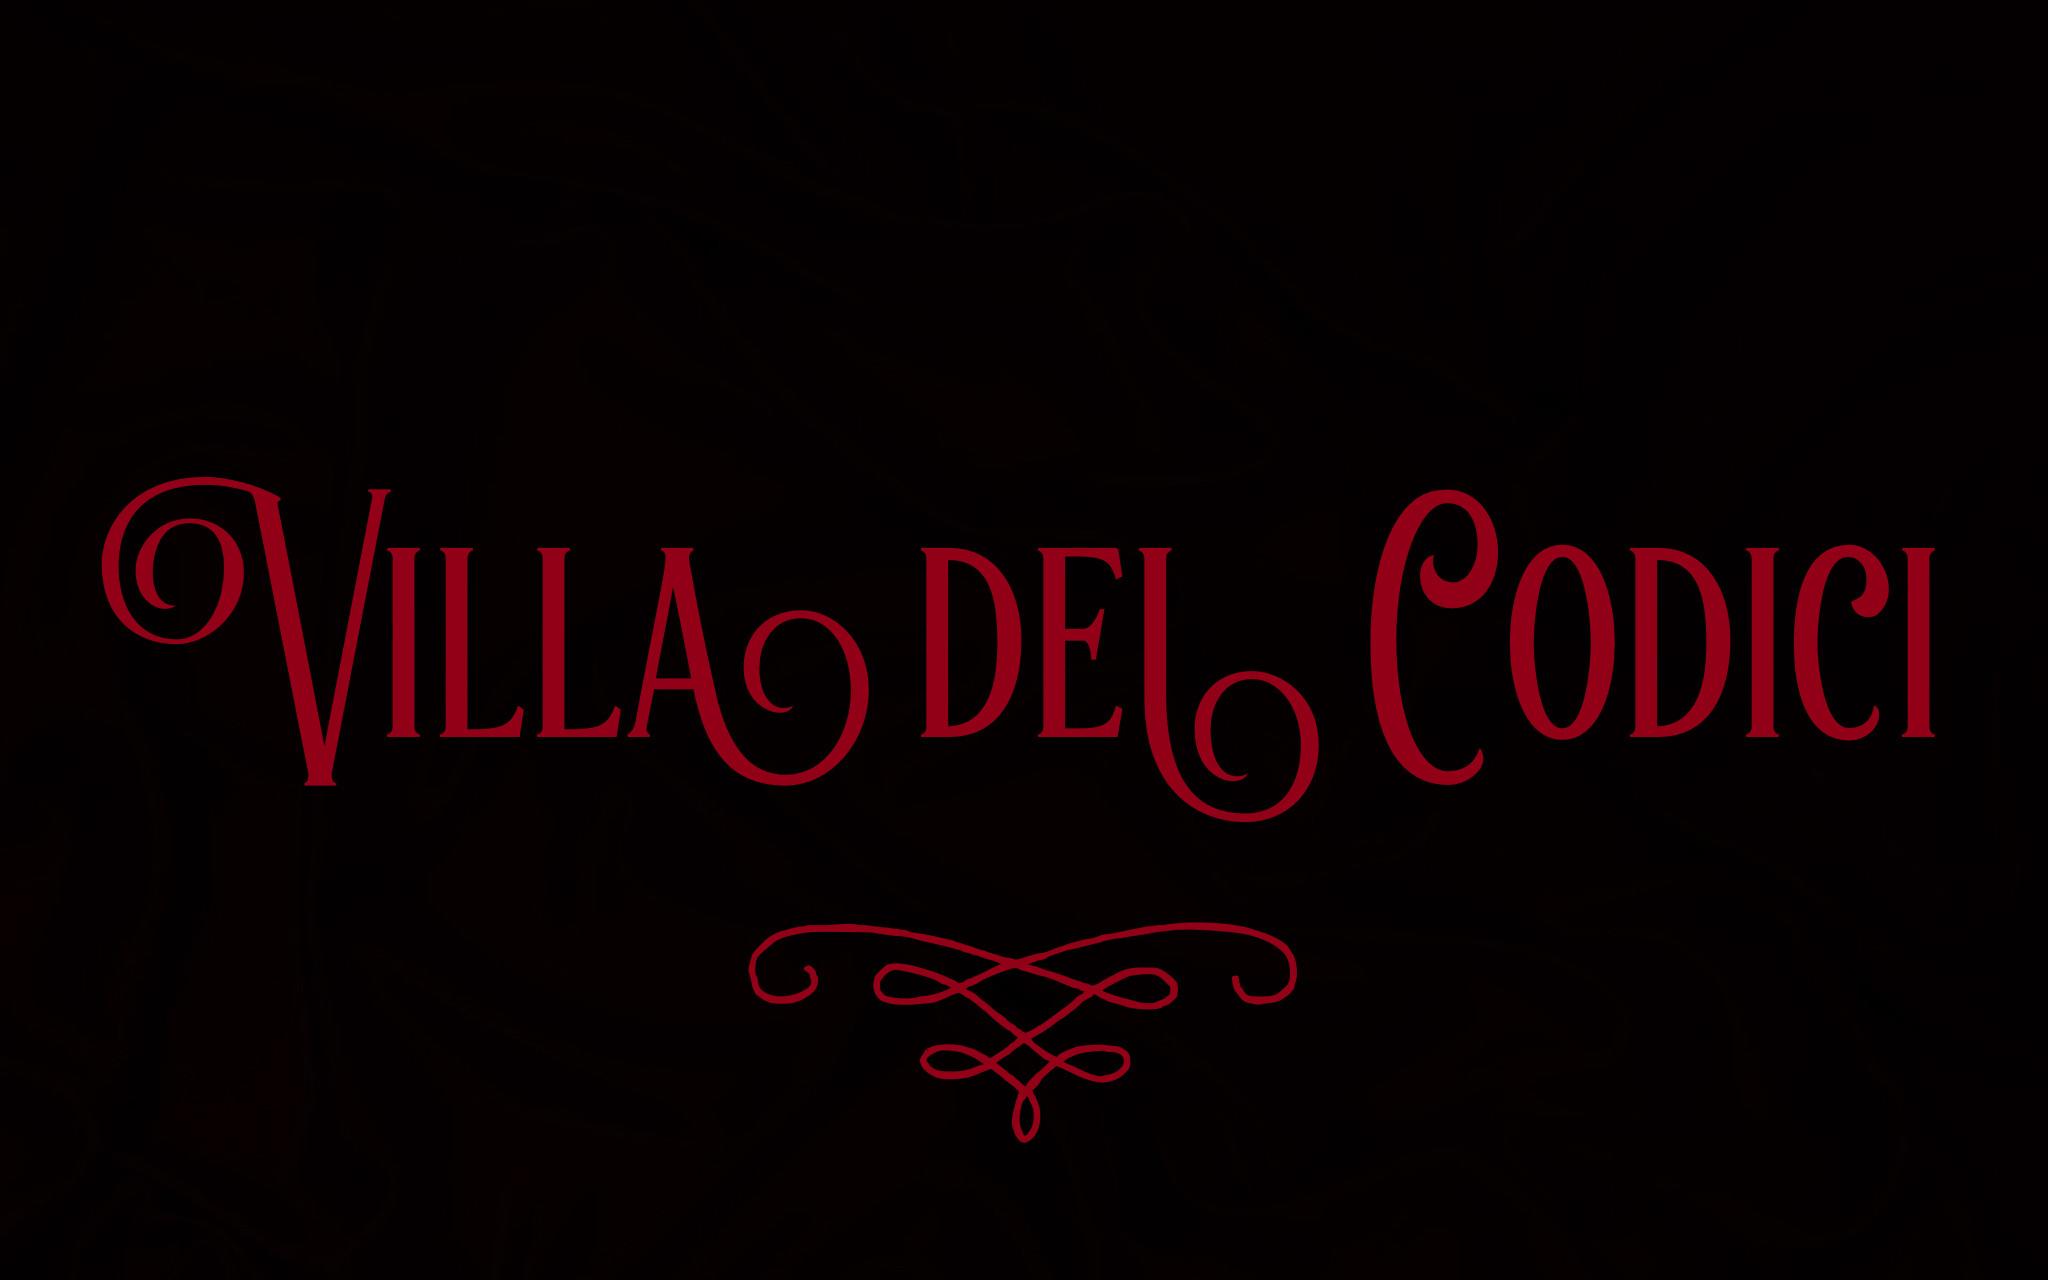 Villa dei Codici